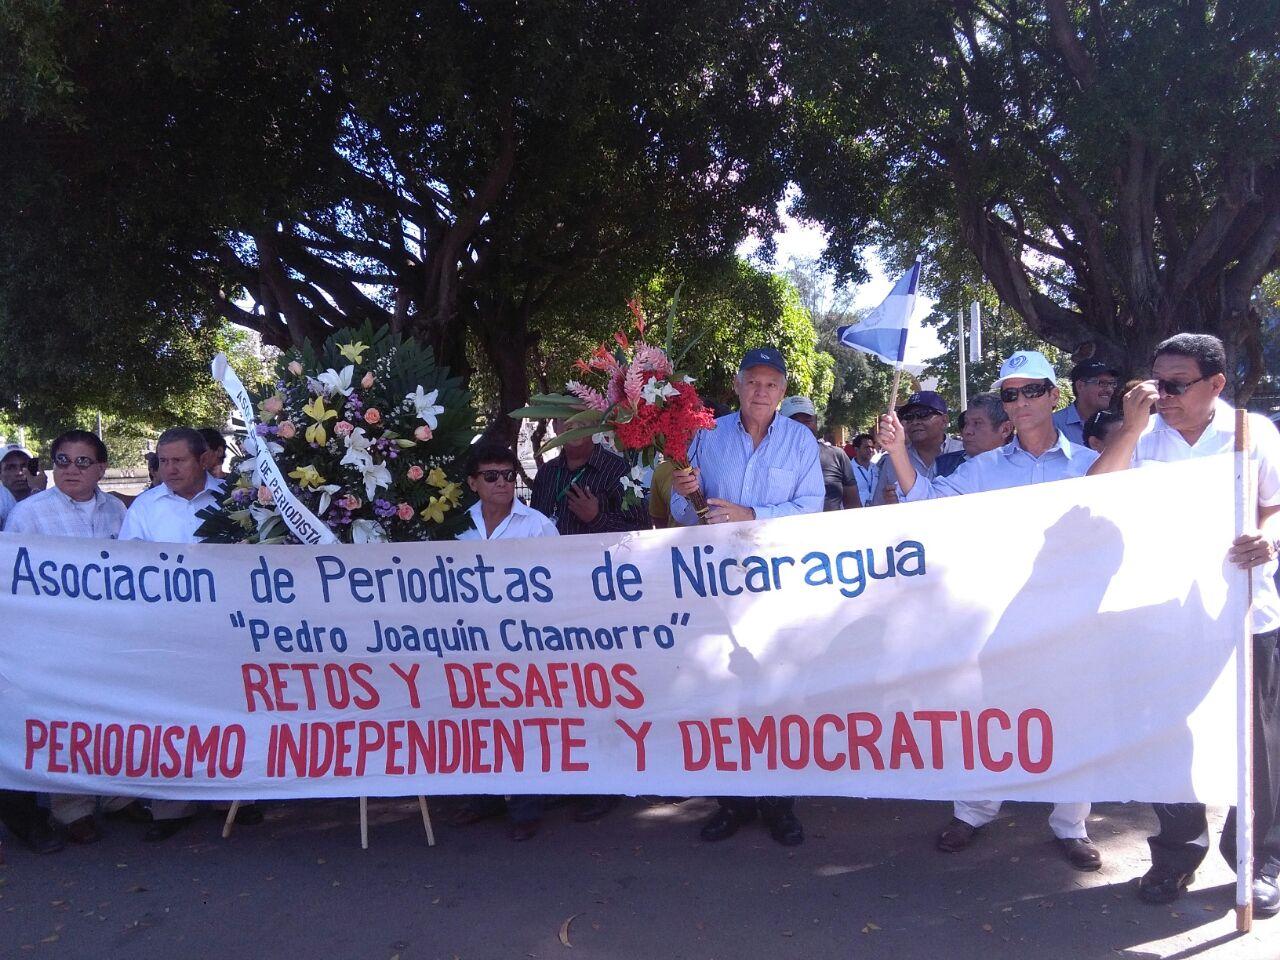 Homenaje a Pedro Joaquín Chamorro asesinado por la dictadura somocista hace 40 años. Foto: A. Navarro / Artículo 66.